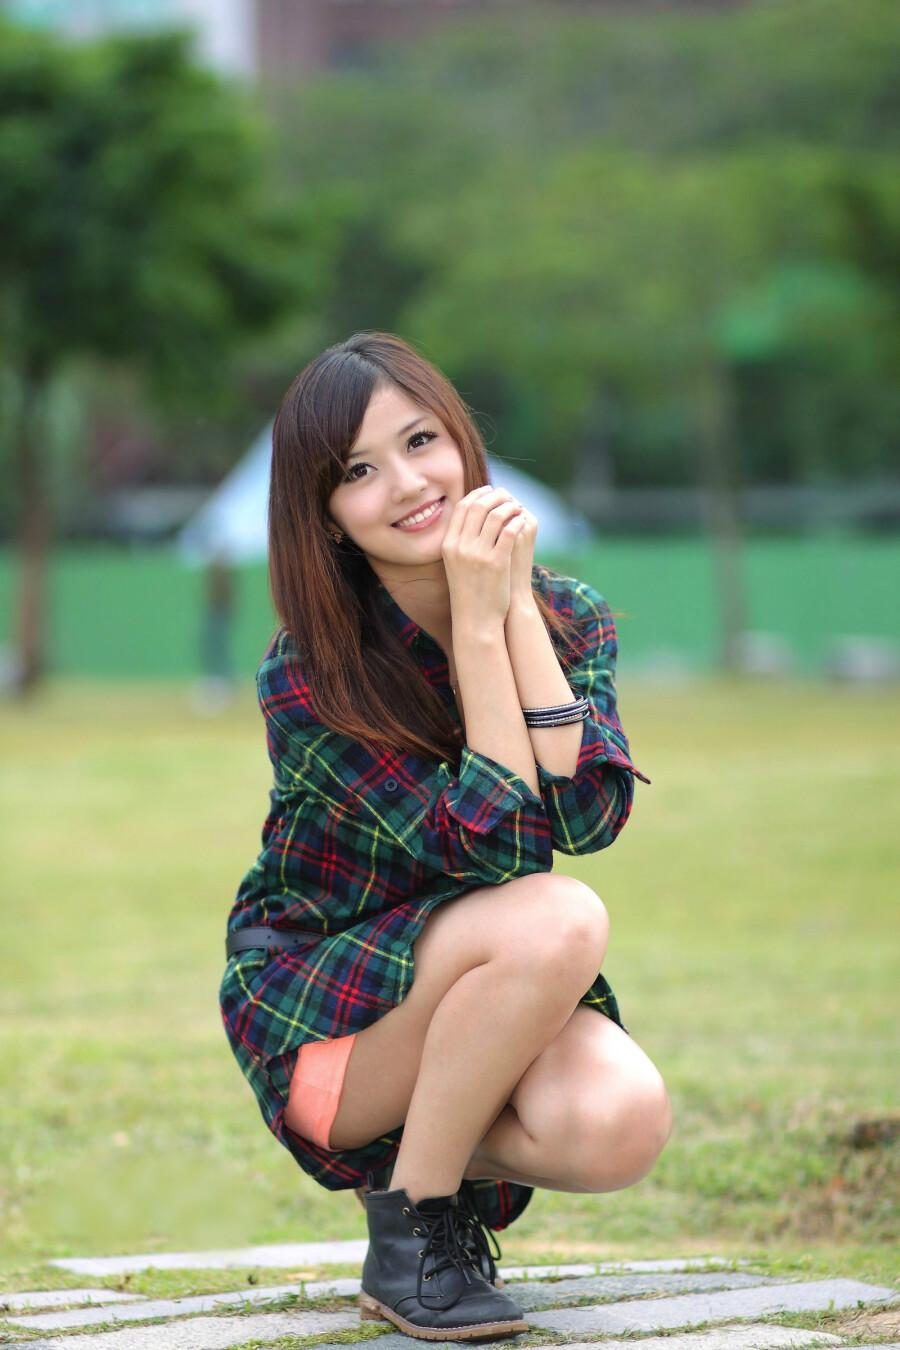 【美圖共享】◆ 野外漂亮女